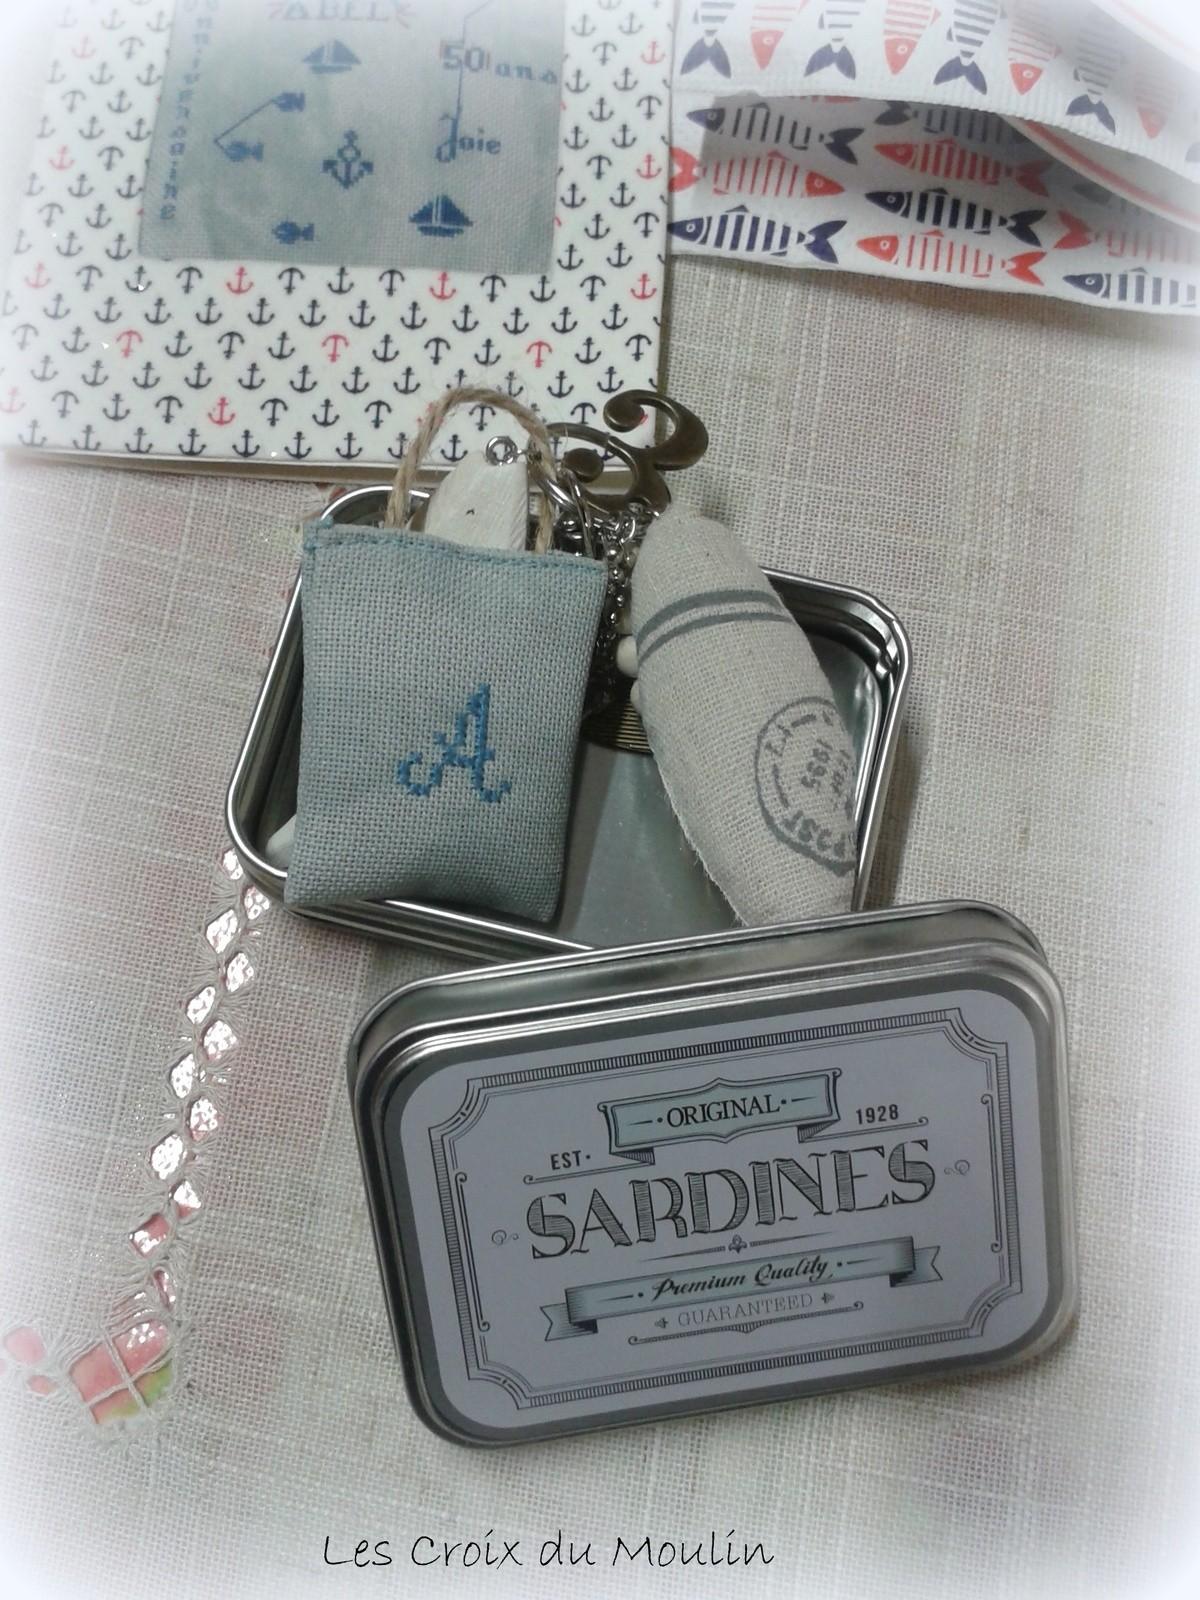 Une boite à sardines bien remplie